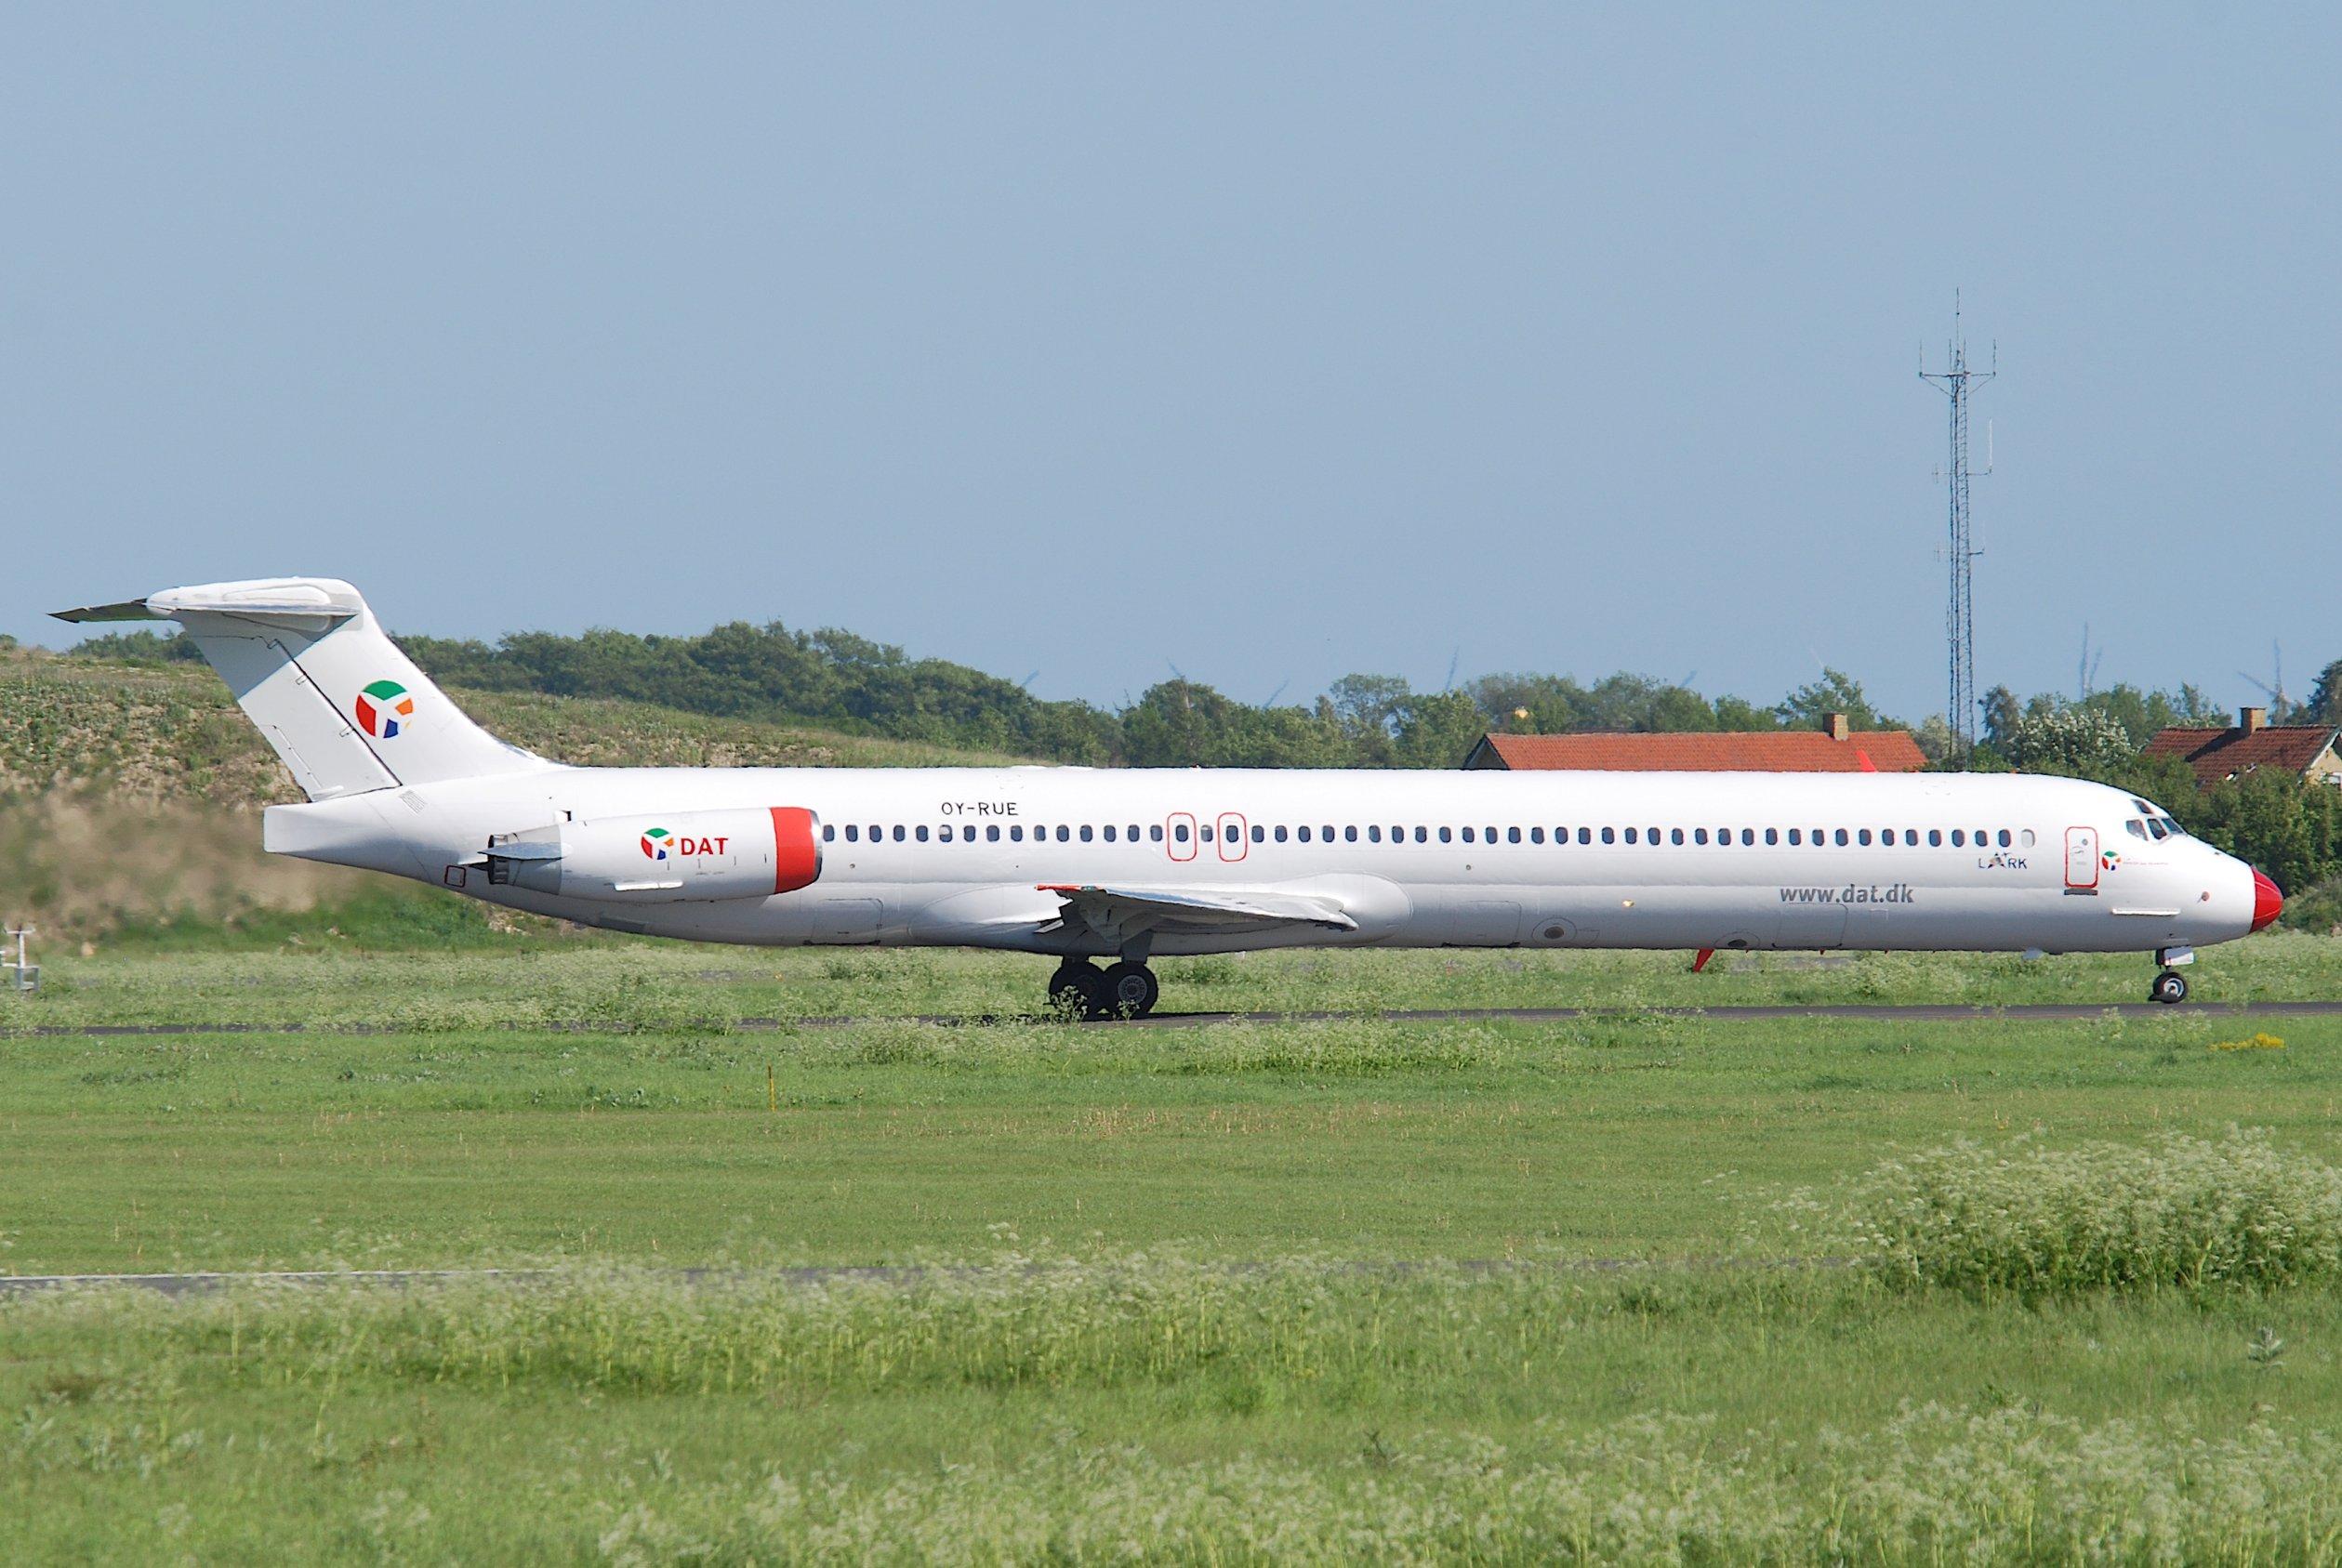 DAT's MD-83 med registreringen OY-RUE. Foto: Aero Icarus